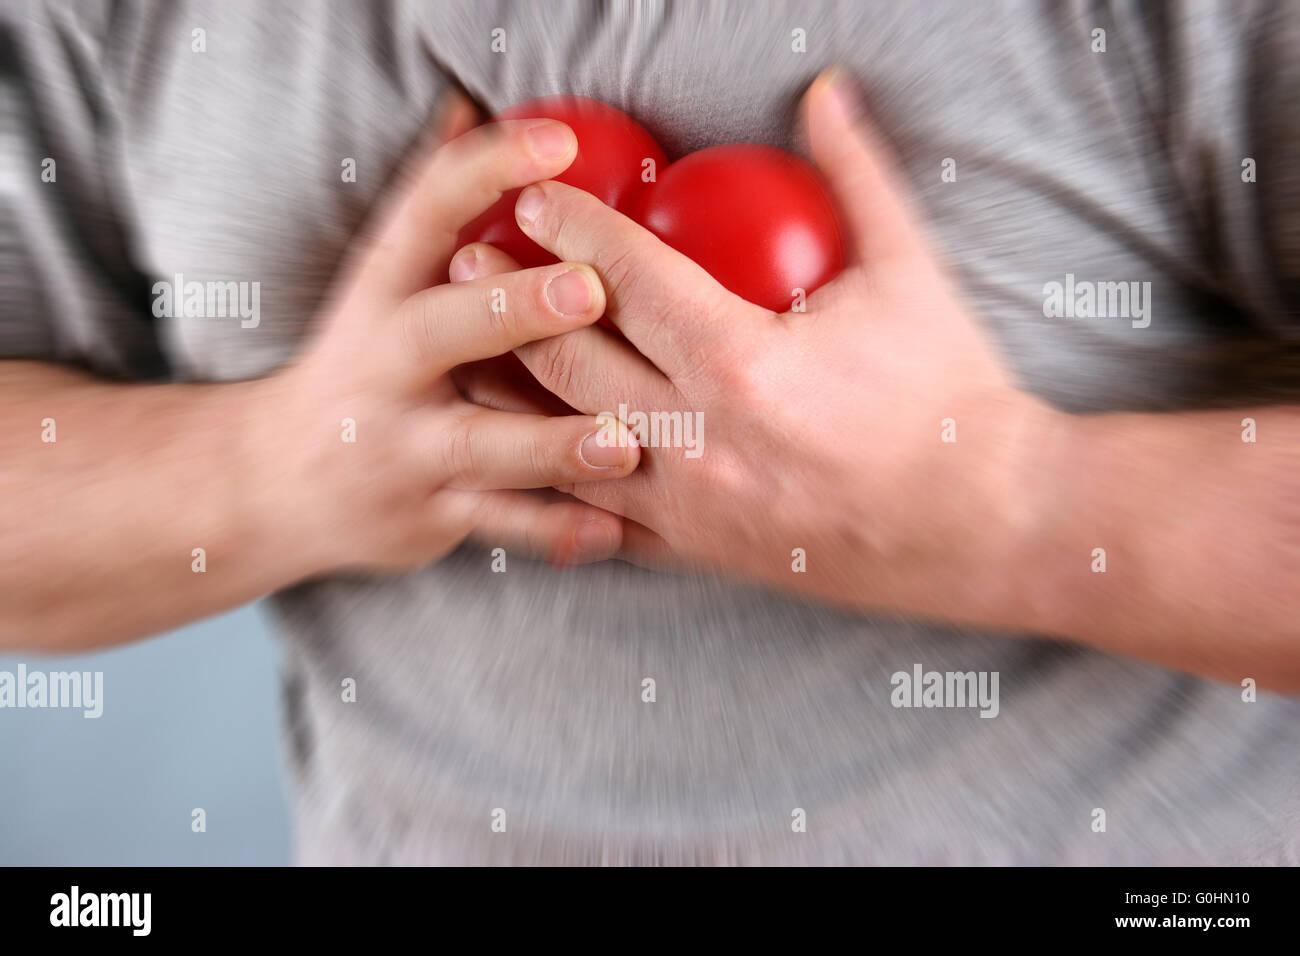 Herzbeschwerden - heart trouble Stock Photo